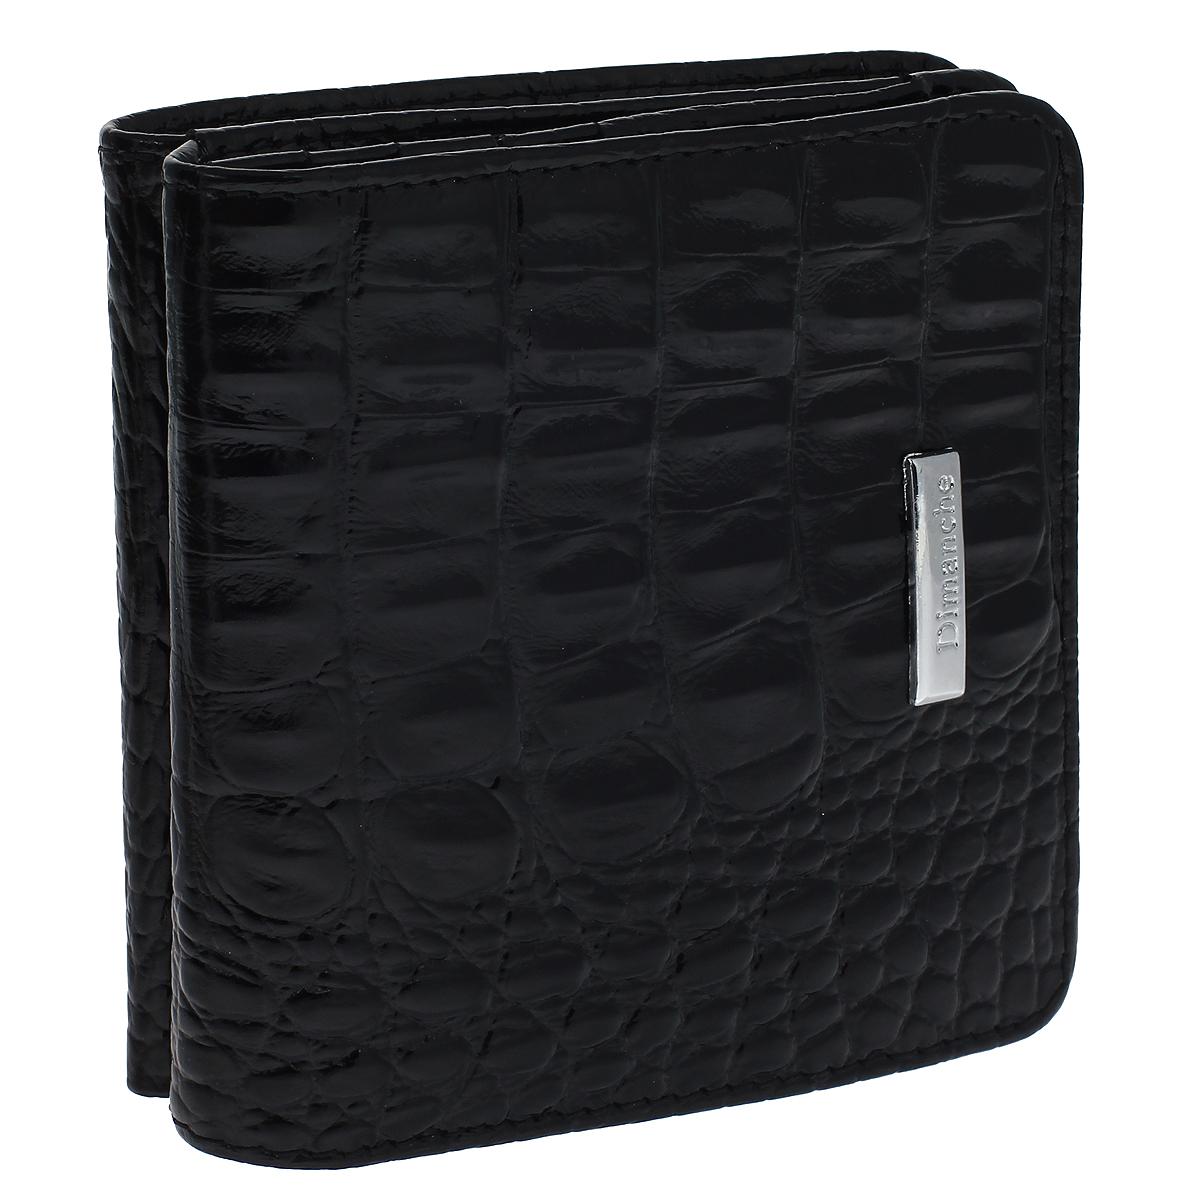 Кошелек мужской Dimanche Loricata, цвет: черный. 418418Кошелек Dimanche Loricata изготовлен из натуральной кожи черного цвета с декоративным тиснением под рептилию. Кошелек имеет два отделения. Первое отделение закрывается на кнопку; внутри содержится 2 отделения для купюр. Второе отделение, предназначенное для хранения мелочи, закрывается клапаном на кнопку и имеет 8 карманов для пластиковых карт. Внутри кошелек отделан атласным полиэстером черного цвета с узором. Фурнитура - серебристого цвета. Стильный кошелек отлично дополнит ваш образ и станет незаменимым аксессуаром на каждый день. Упакован в фирменную картонную коробку коричневого цвета. Характеристики: Материал: натуральная кожа, полиэстер, металл. Цвет: черный. Размер кошелька (ДхШхВ): 9 см х 9,5 см х 2,5 см.